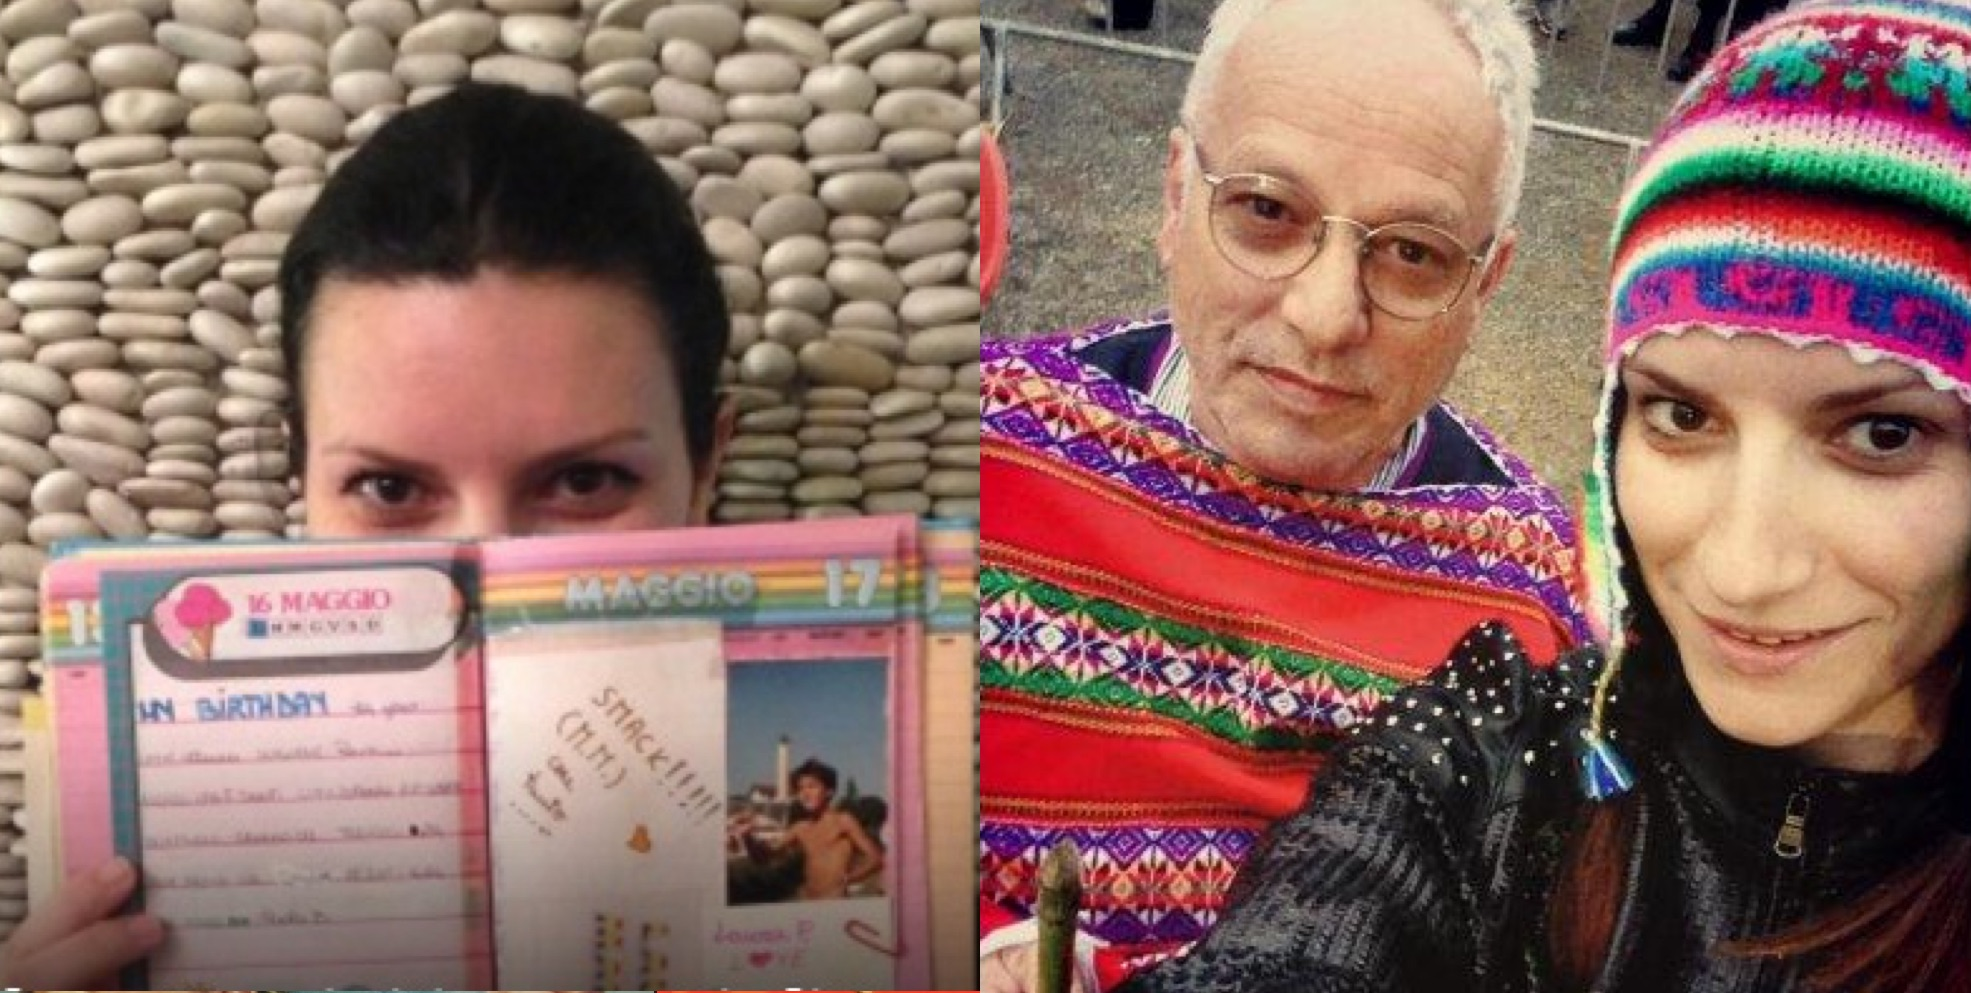 Izq.: Pausini muestra su diario con la foto de Marco. Der.: Con su padre en Perú.